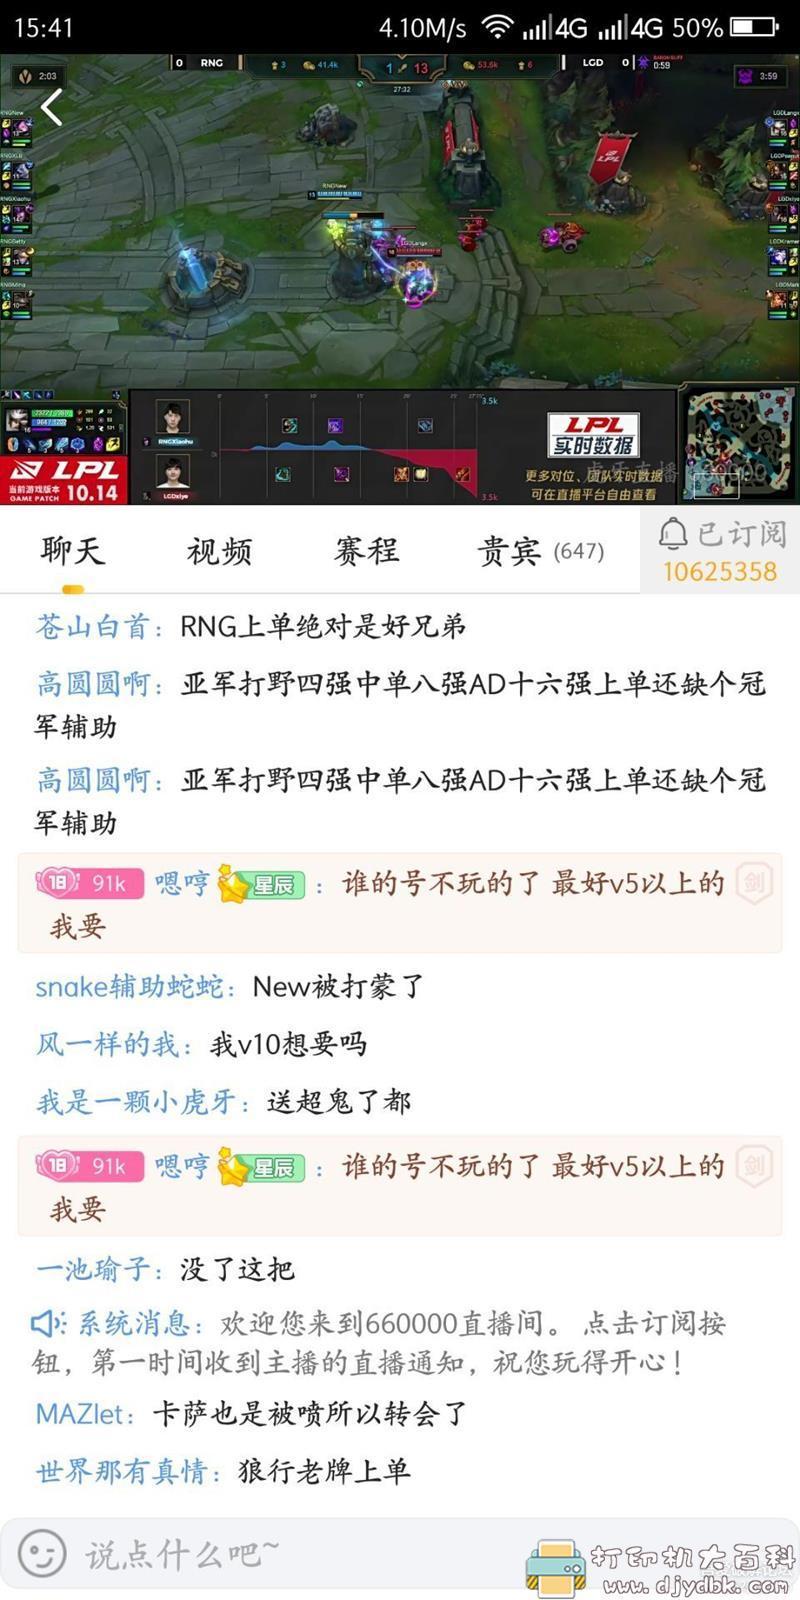 [Android]虎牙直播谷歌商店最新版7.11.30,无广告更简洁 配图 No.2